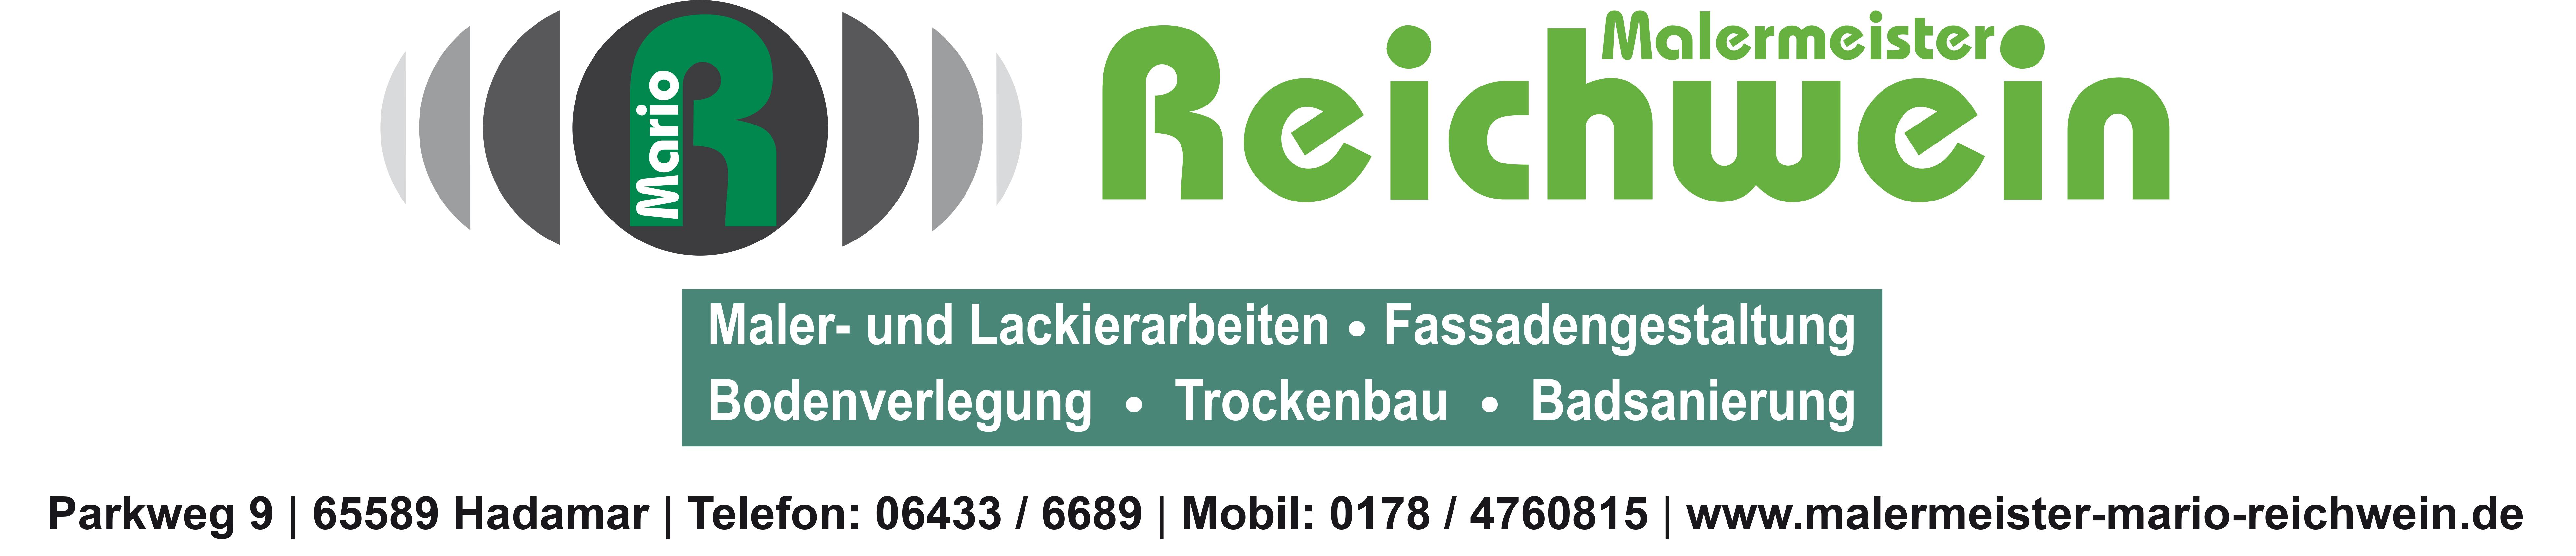 Malermeister_Reichwein